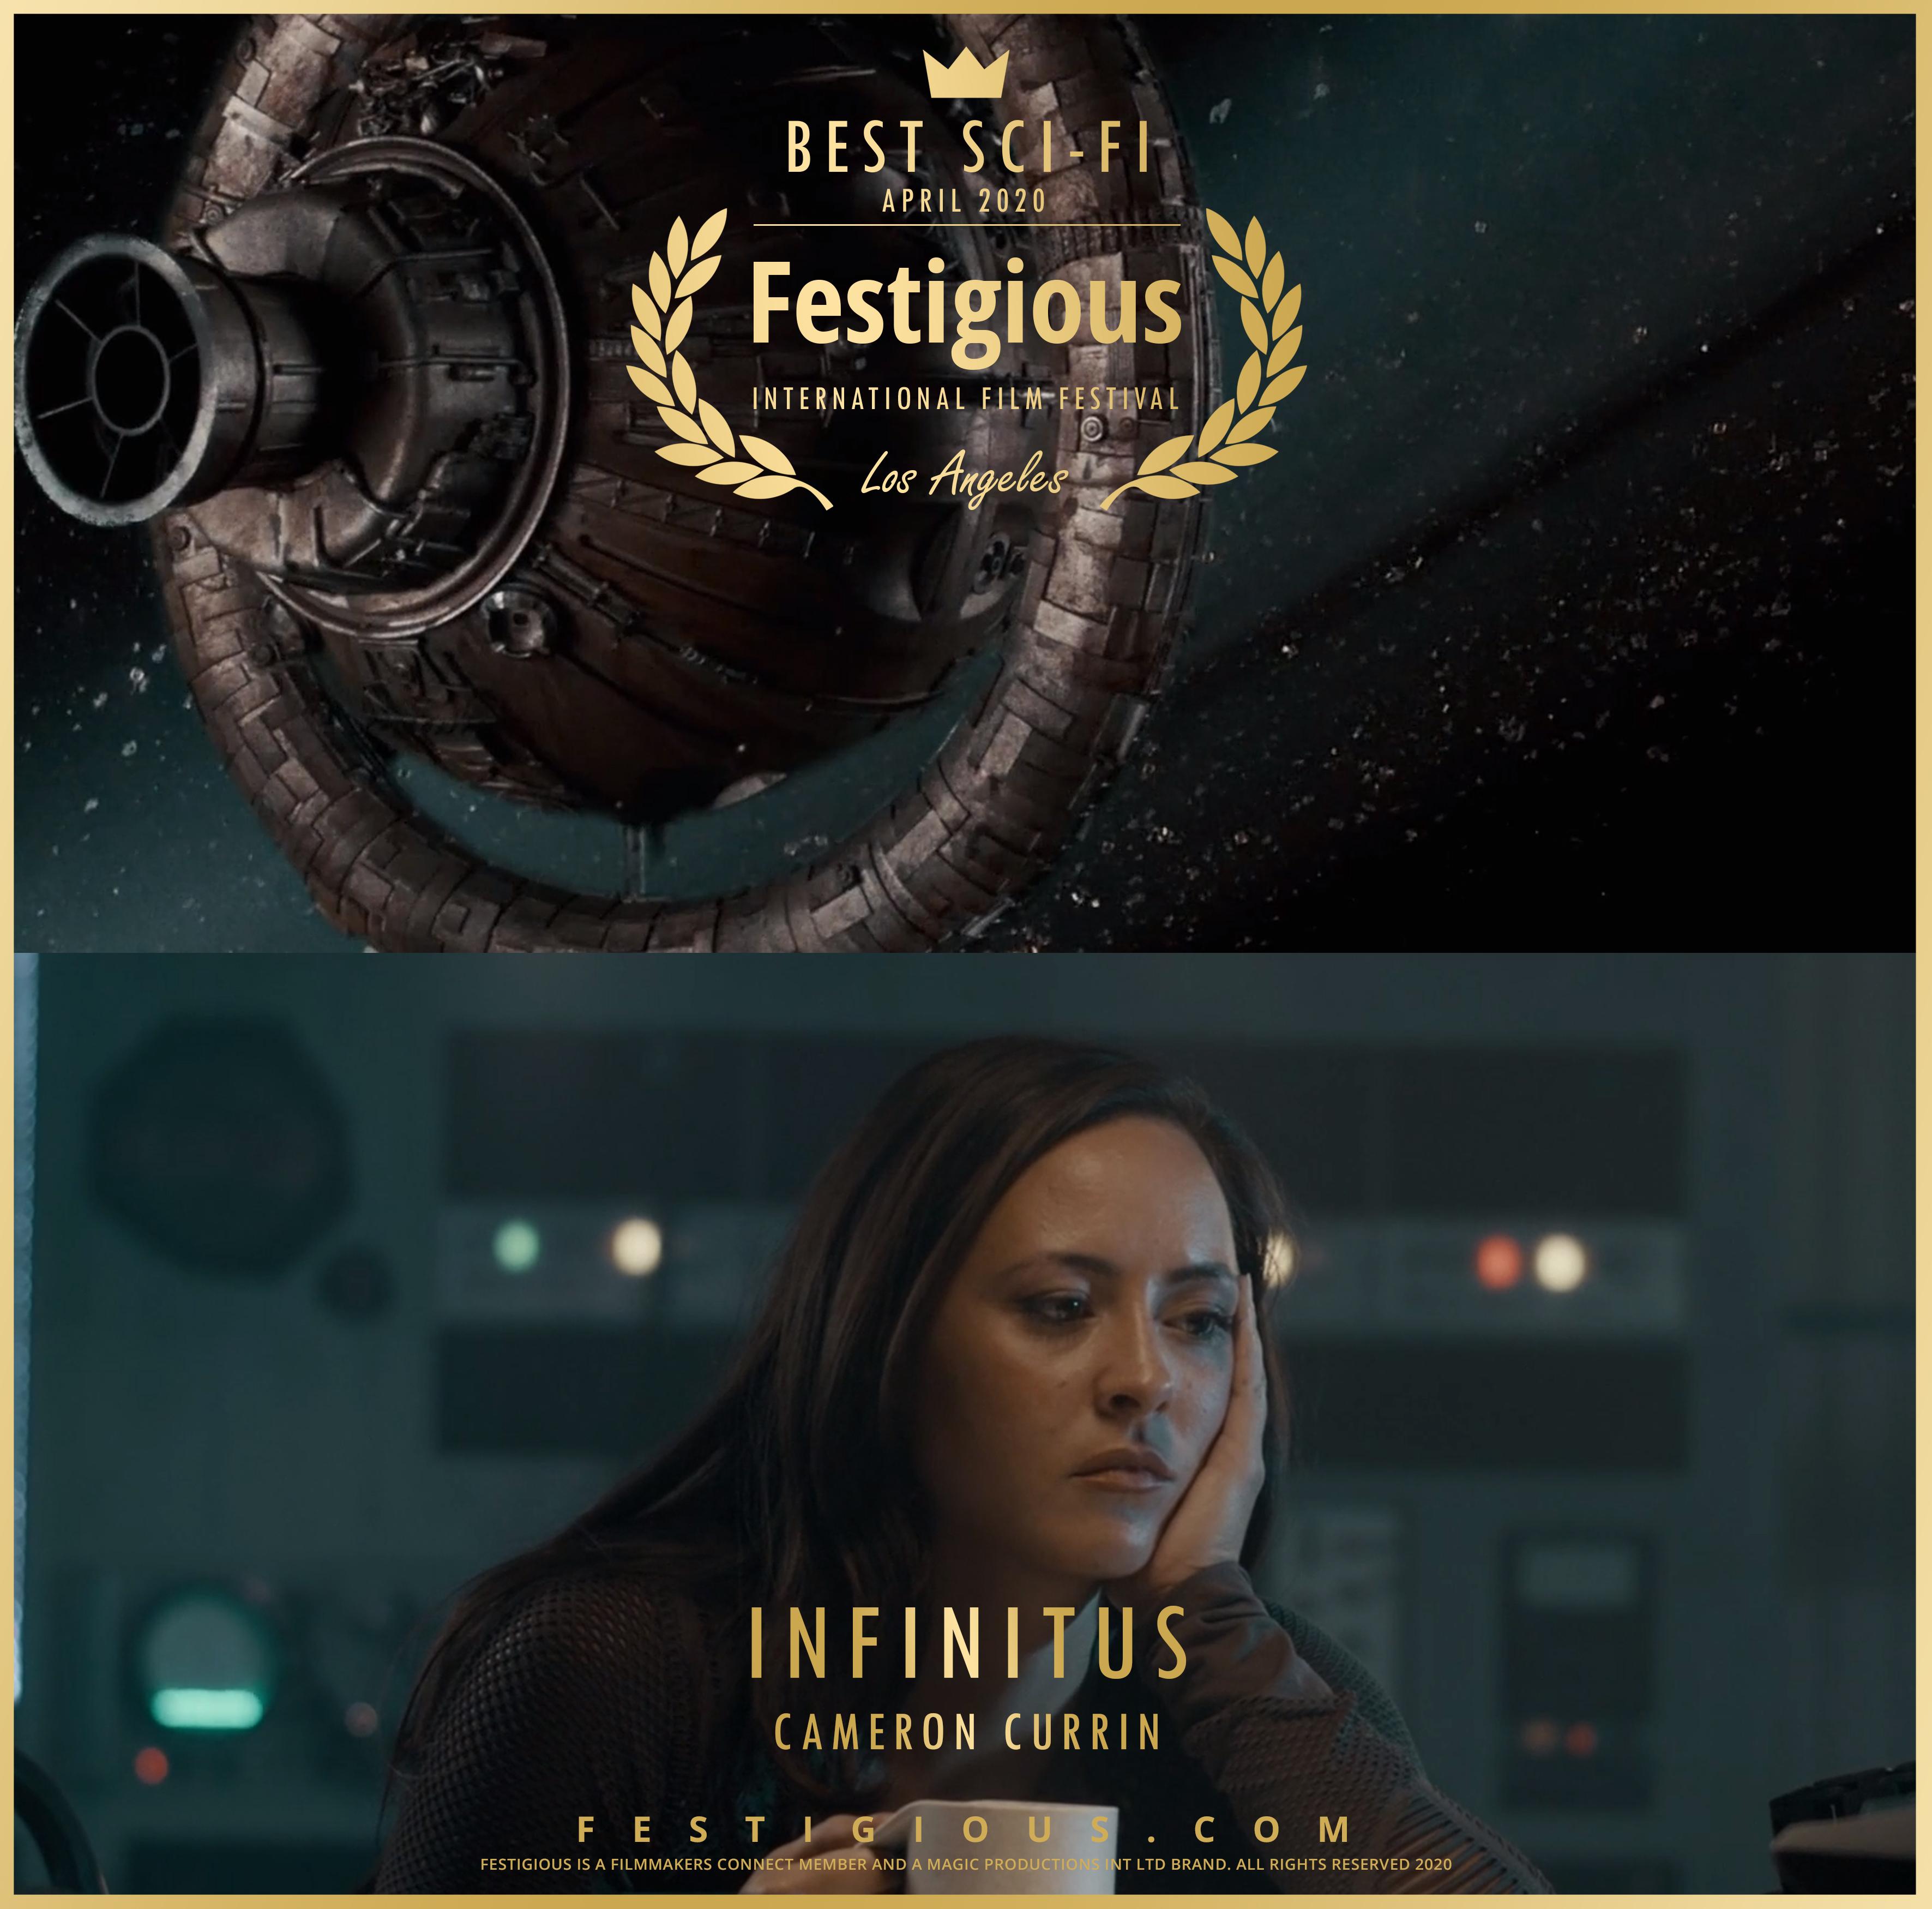 Infinitus design